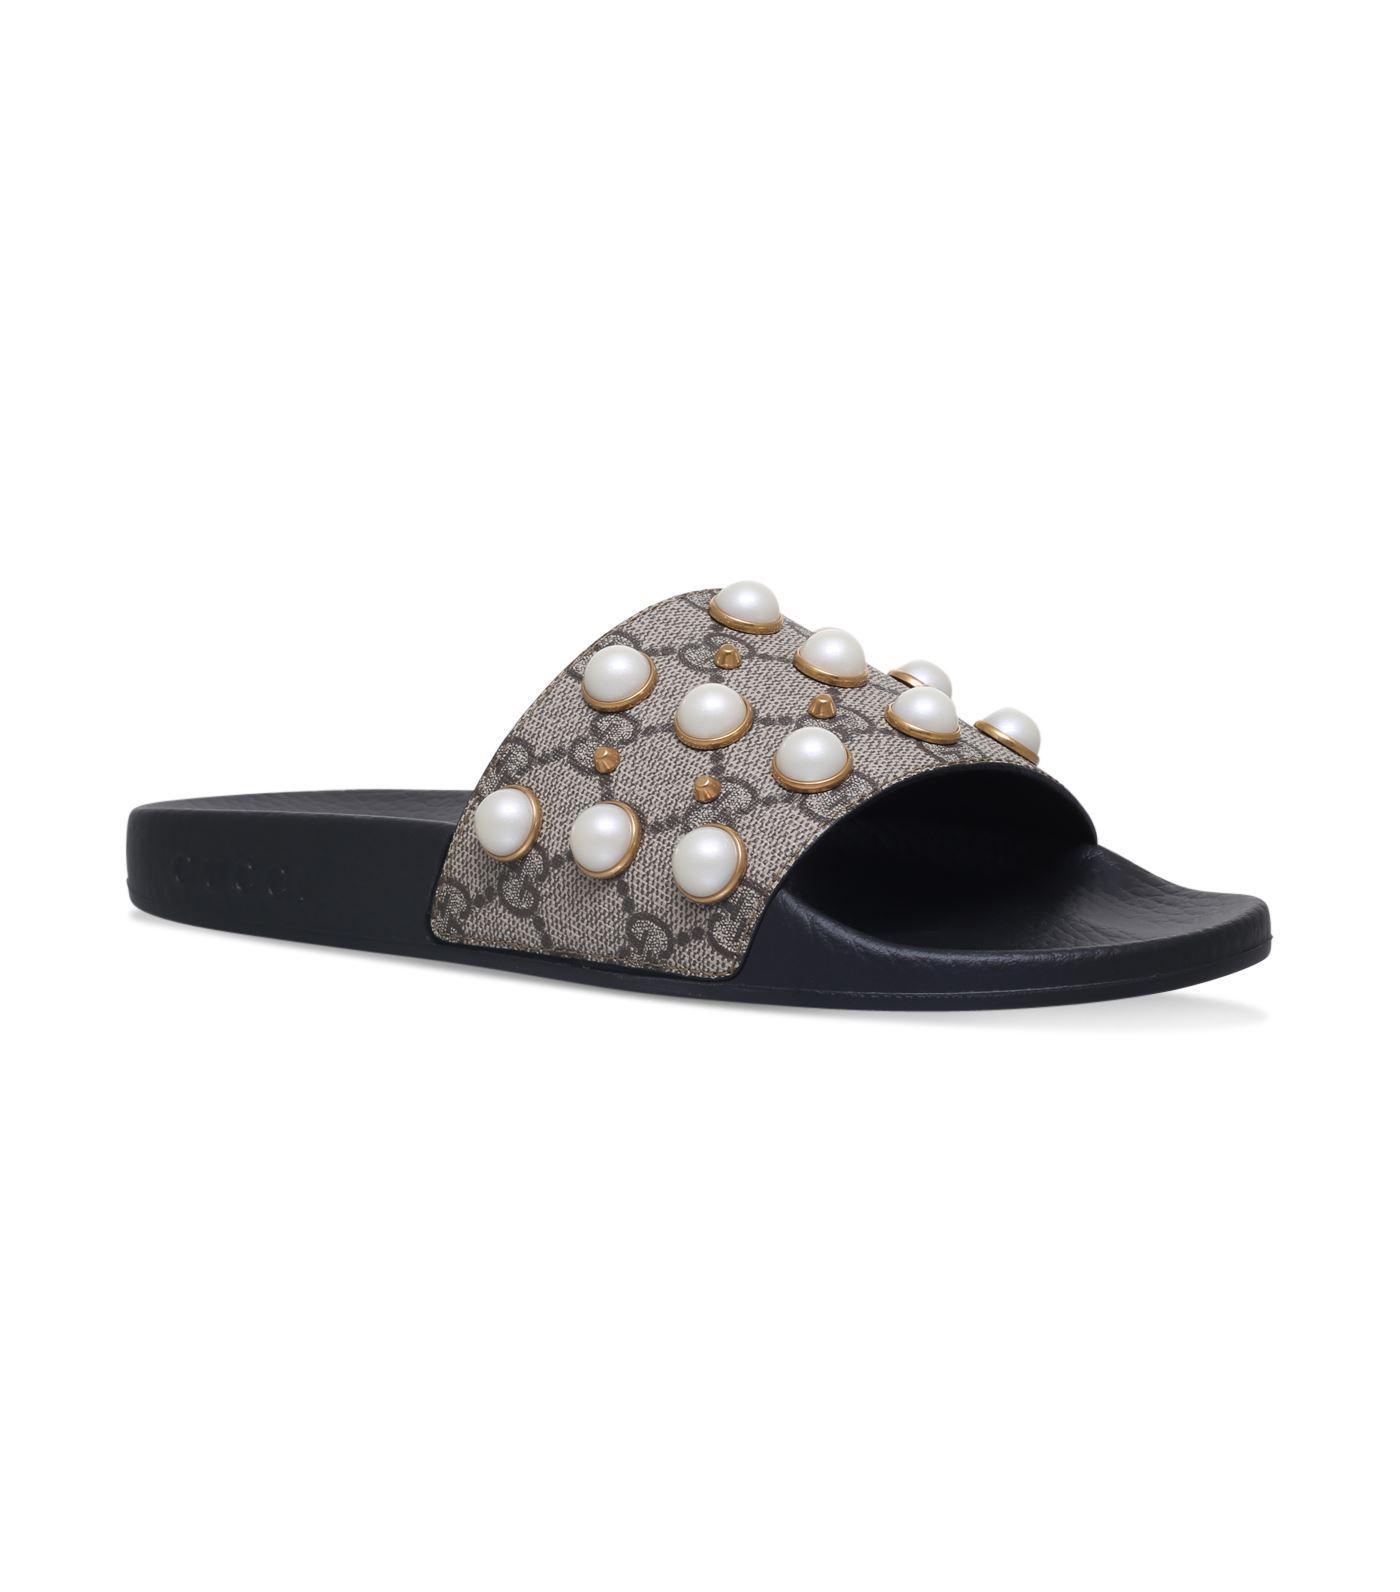 f21387549c51 Gucci Pursuit Imitation Pearl Embellished Slide Sandal In Brown ...